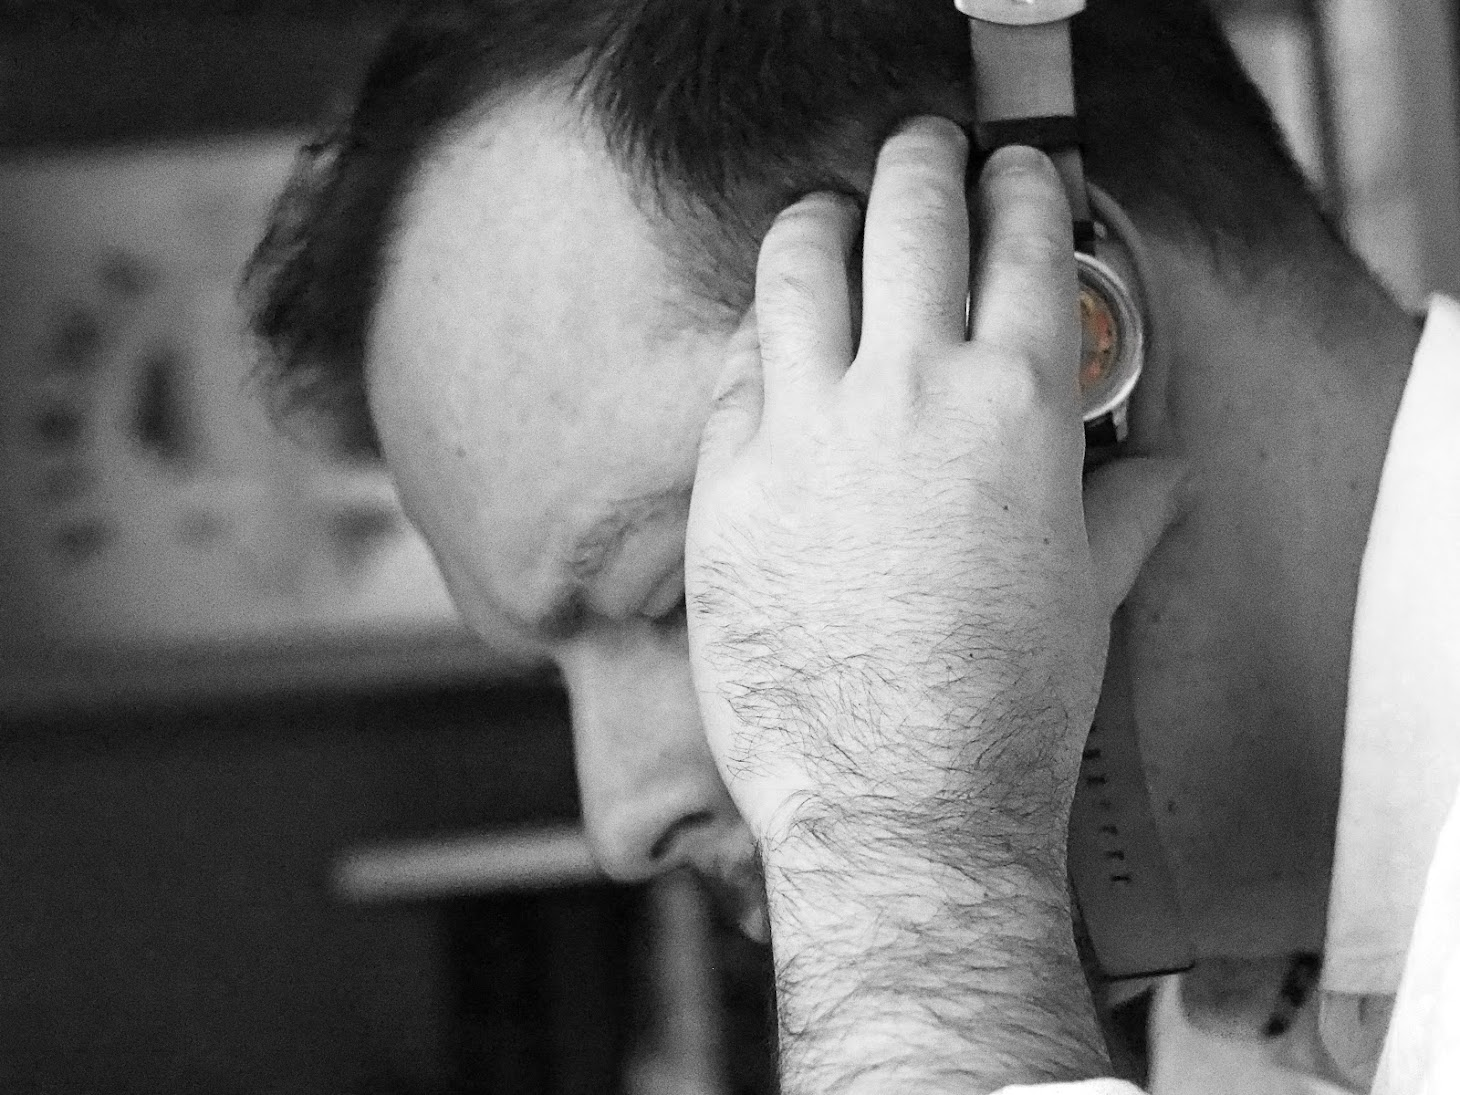 zegarek przyłożony do ucha - tykanie mechanizmu